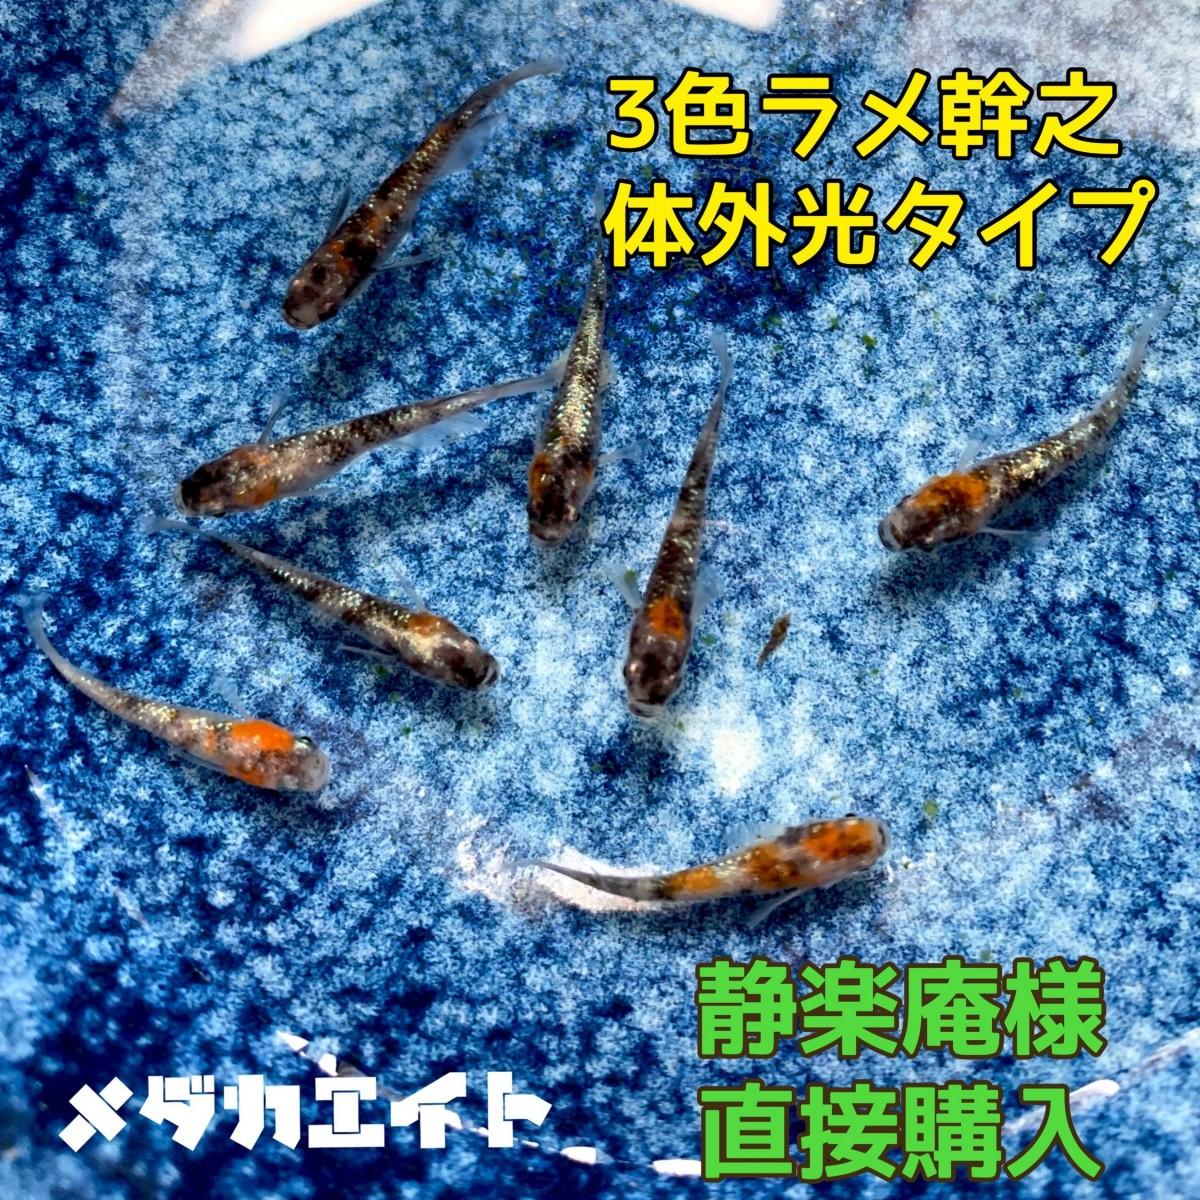 【メダカエイト】極上 三色ラメ幹之 メダカ 体外光タイプ 有精卵 10個+α 静楽庵様直接購入個体2